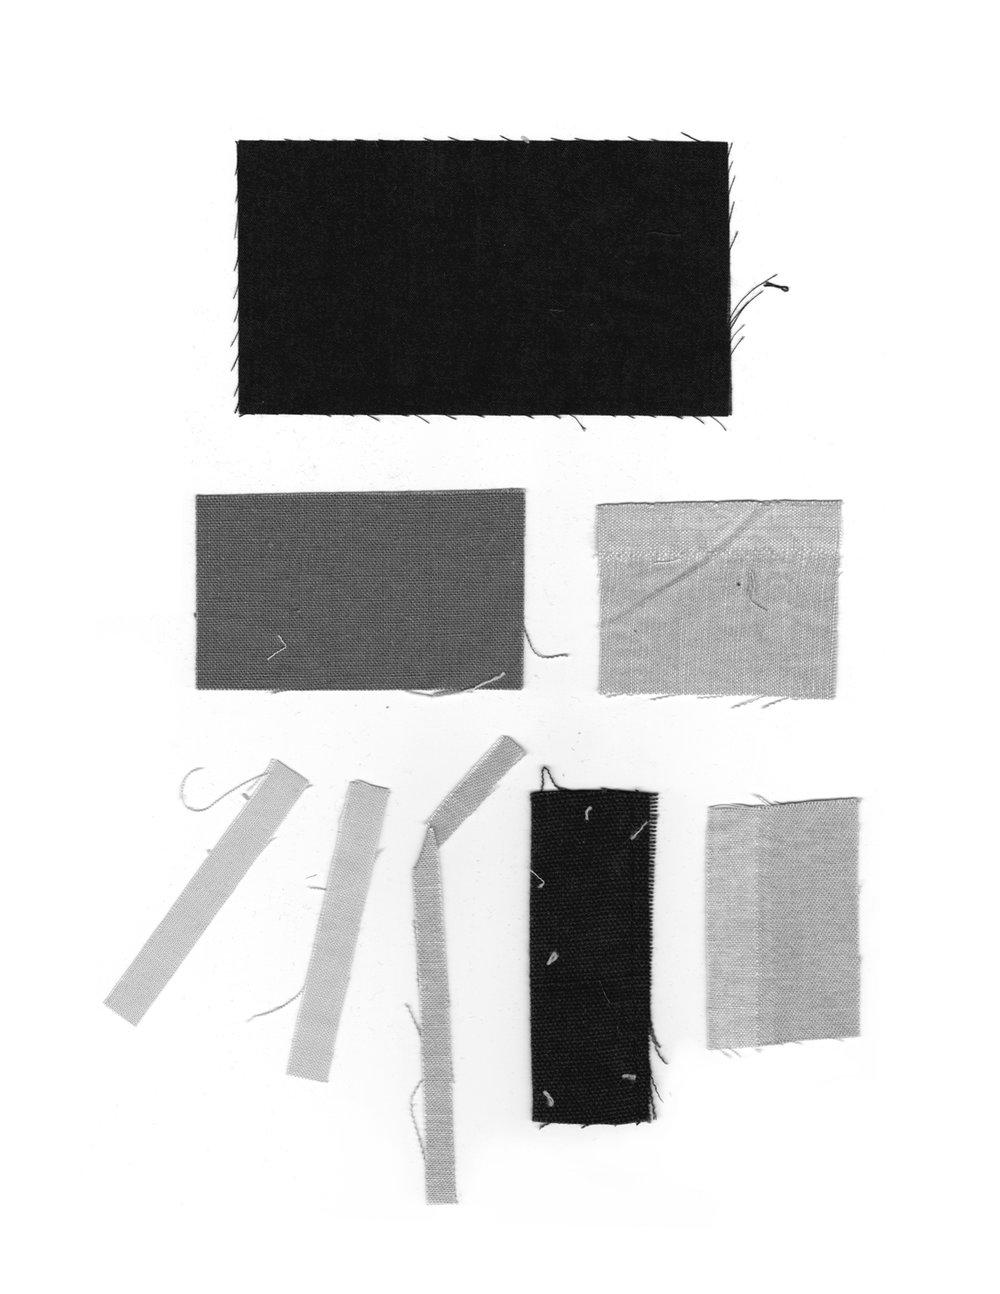 Fabric_scraps_11.jpg